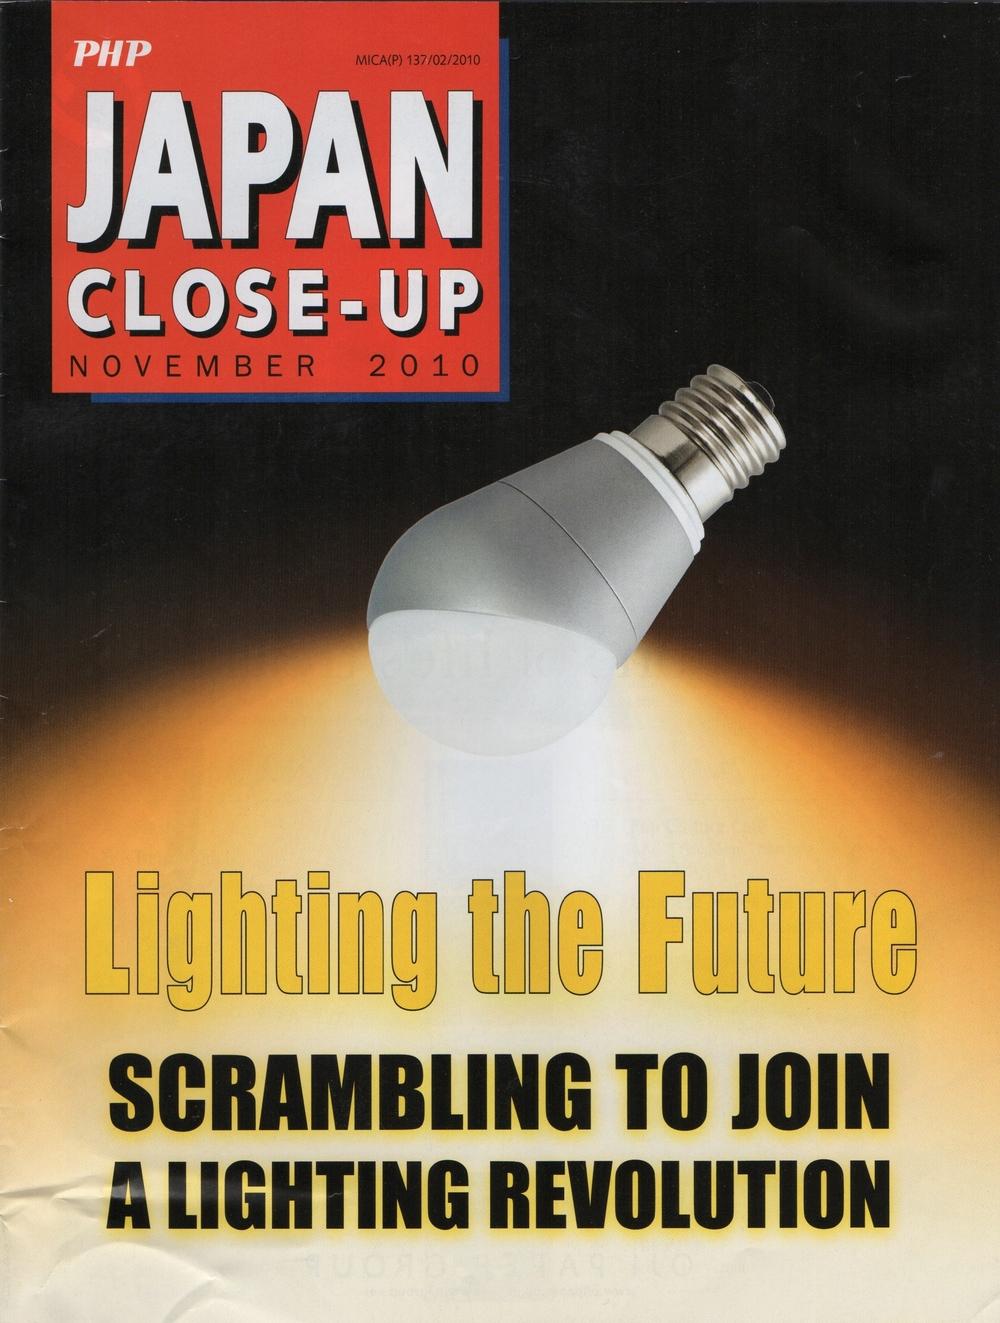 Japan Closeup